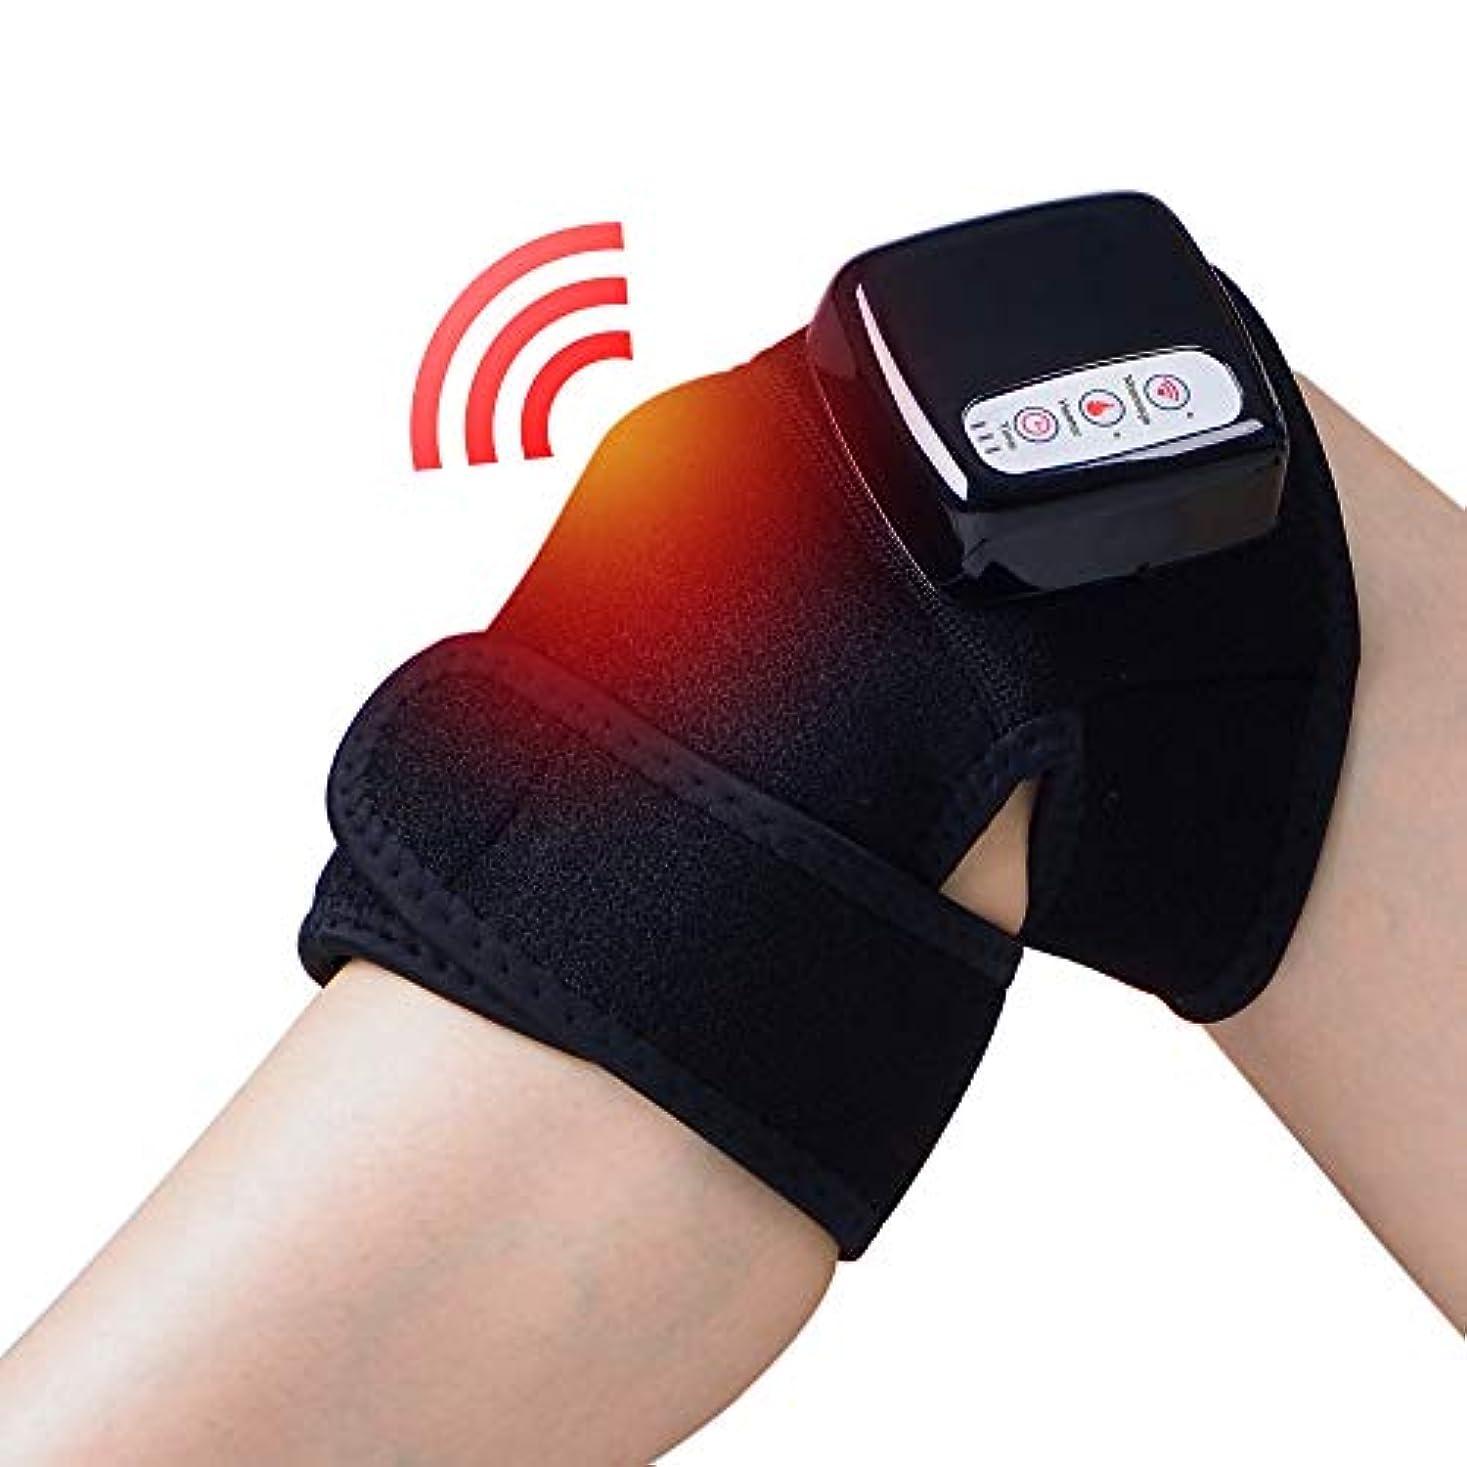 慢性的量敬の念Chuangyue 膝関節加熱マッサージ マッサージ器 フットマッサージャー ひざ マッサージャー 振動 赤外線療法 温熱療法 膝サポーター ストレス解消 膝マット 太もも/腕対応